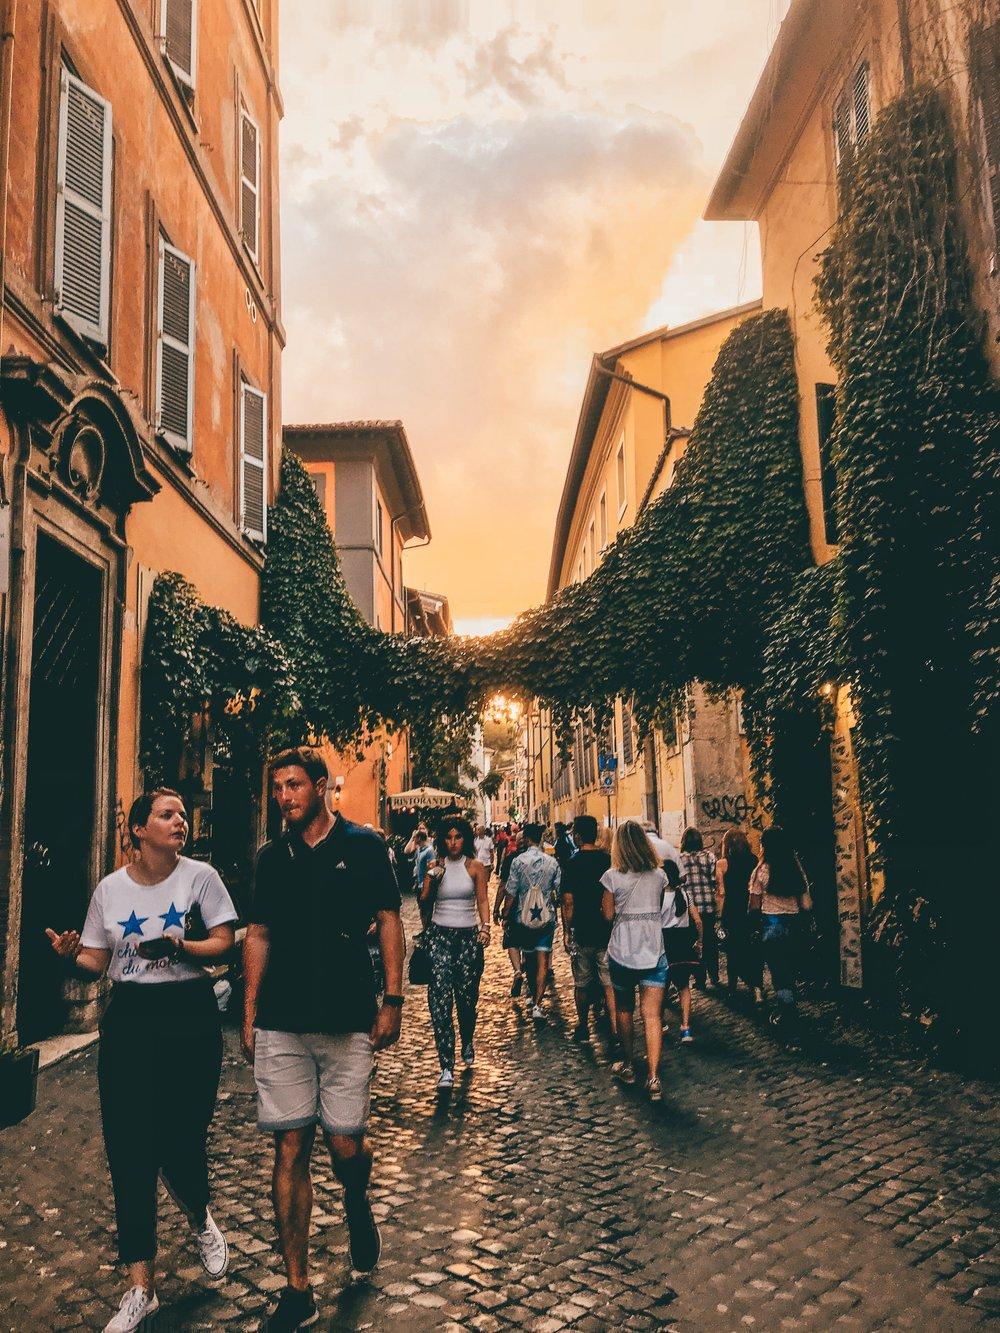 An evening stroll through the bohemian neighbourhood of Trastevere